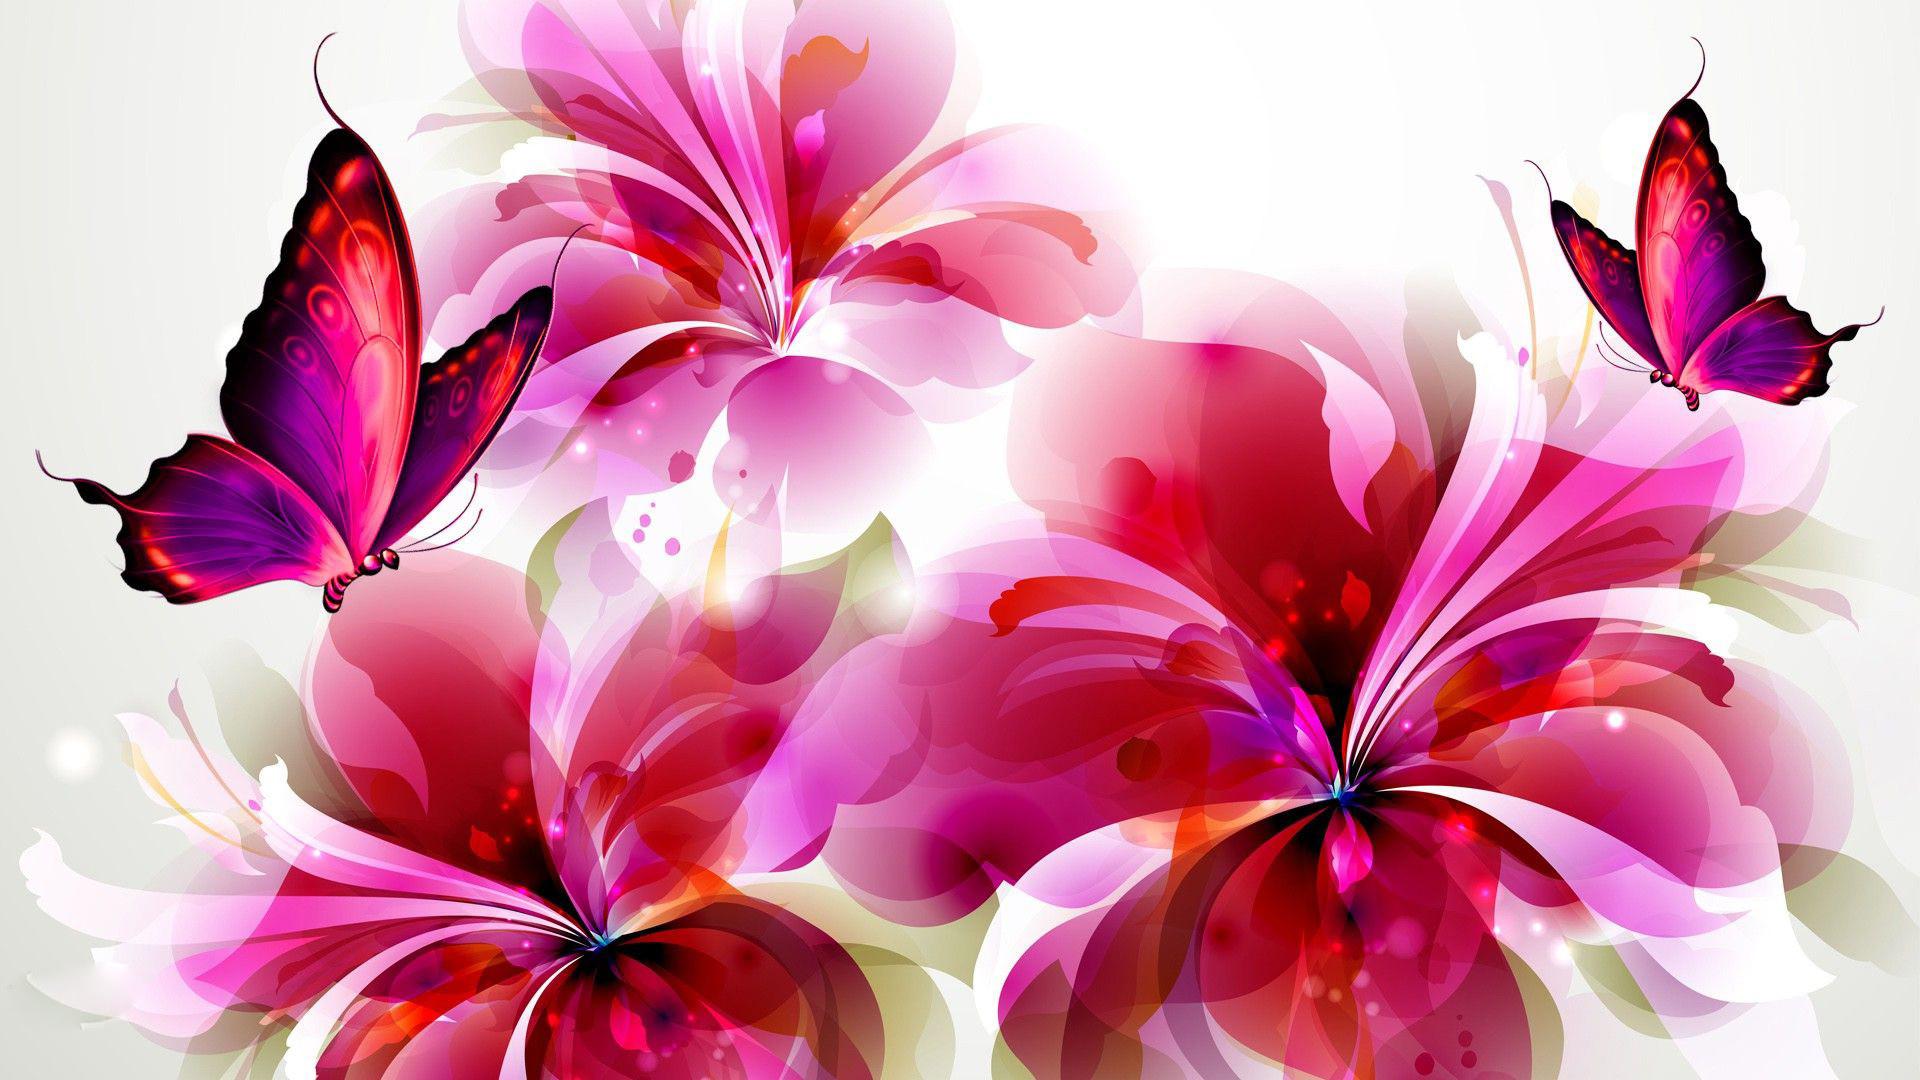 Wallpaper Flowers and Butterflies   Beautiful Flowers and Butterflies  Wallpapers Free Download   ANIMATED BKDS.   Pinterest   Beautiful flowers,  Wallpaper …